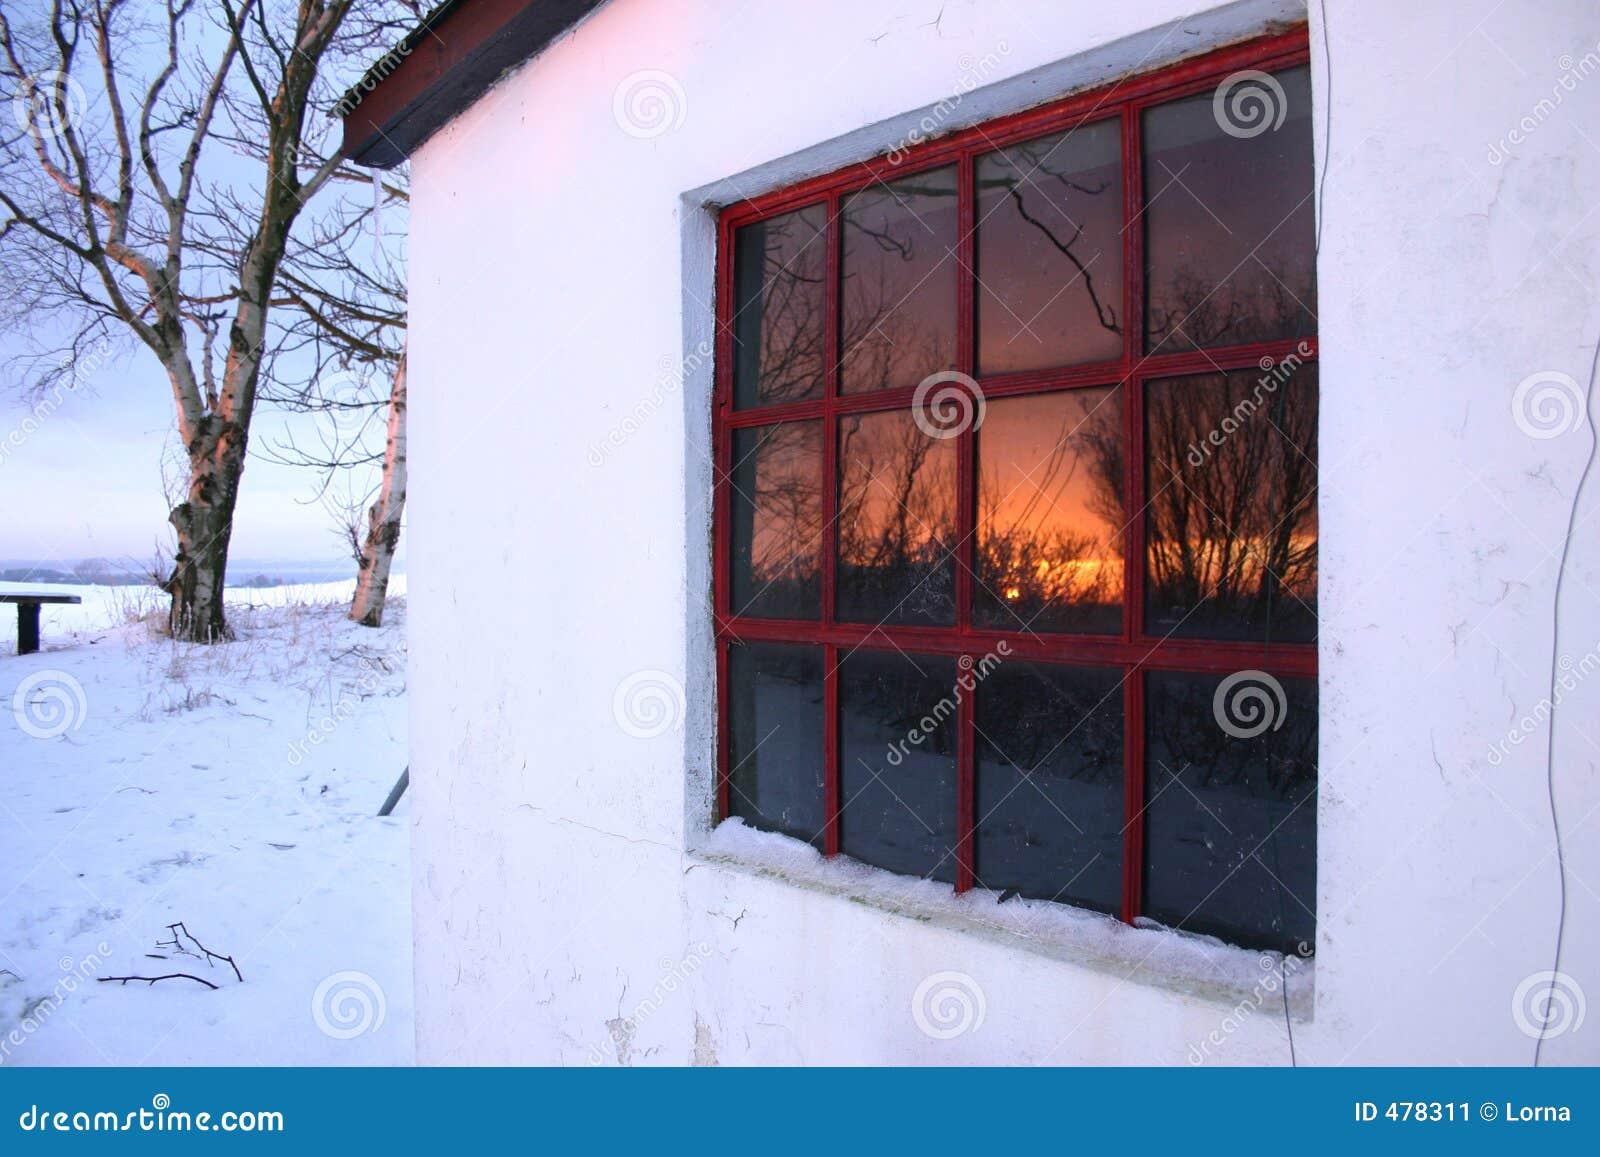 Sunset oknem zimy.